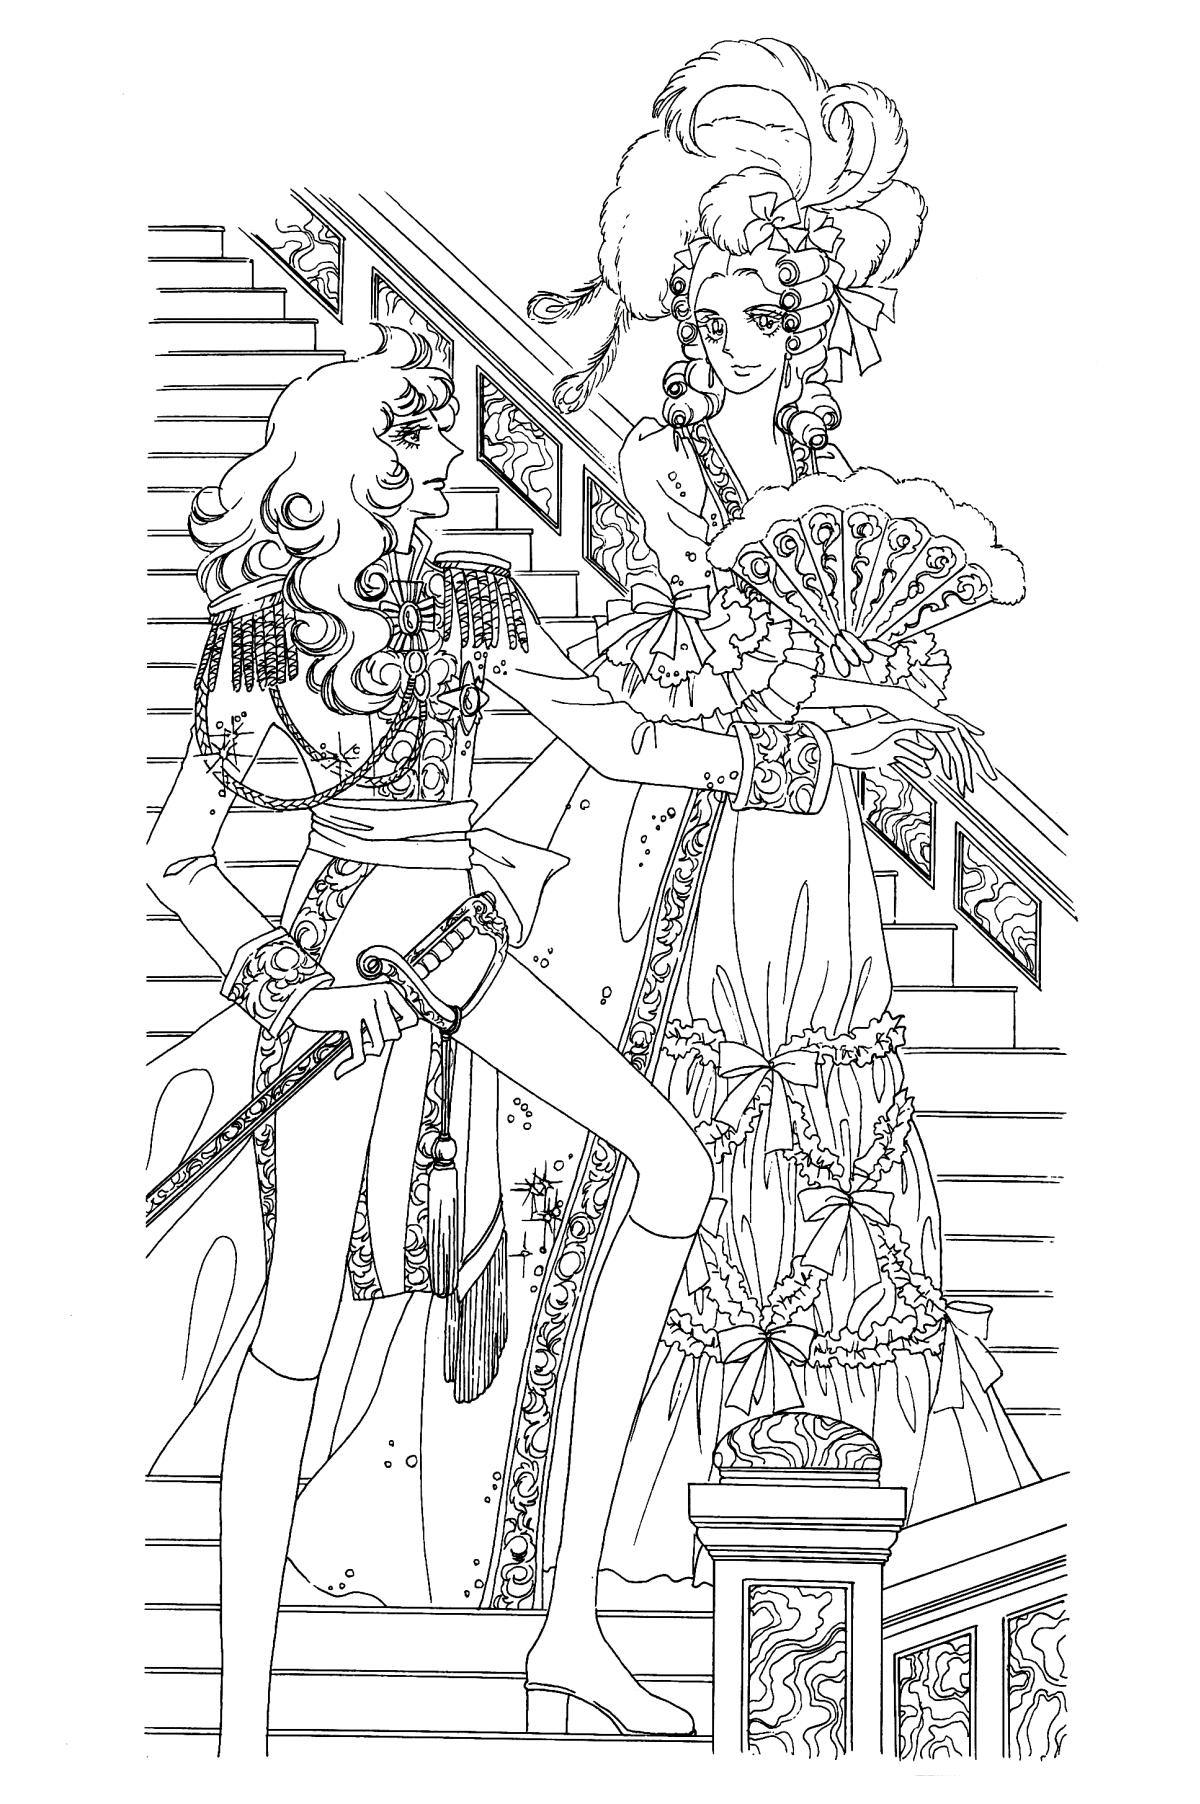 Lady oscar immagini da colorare - Immagini francesi da stampare ...